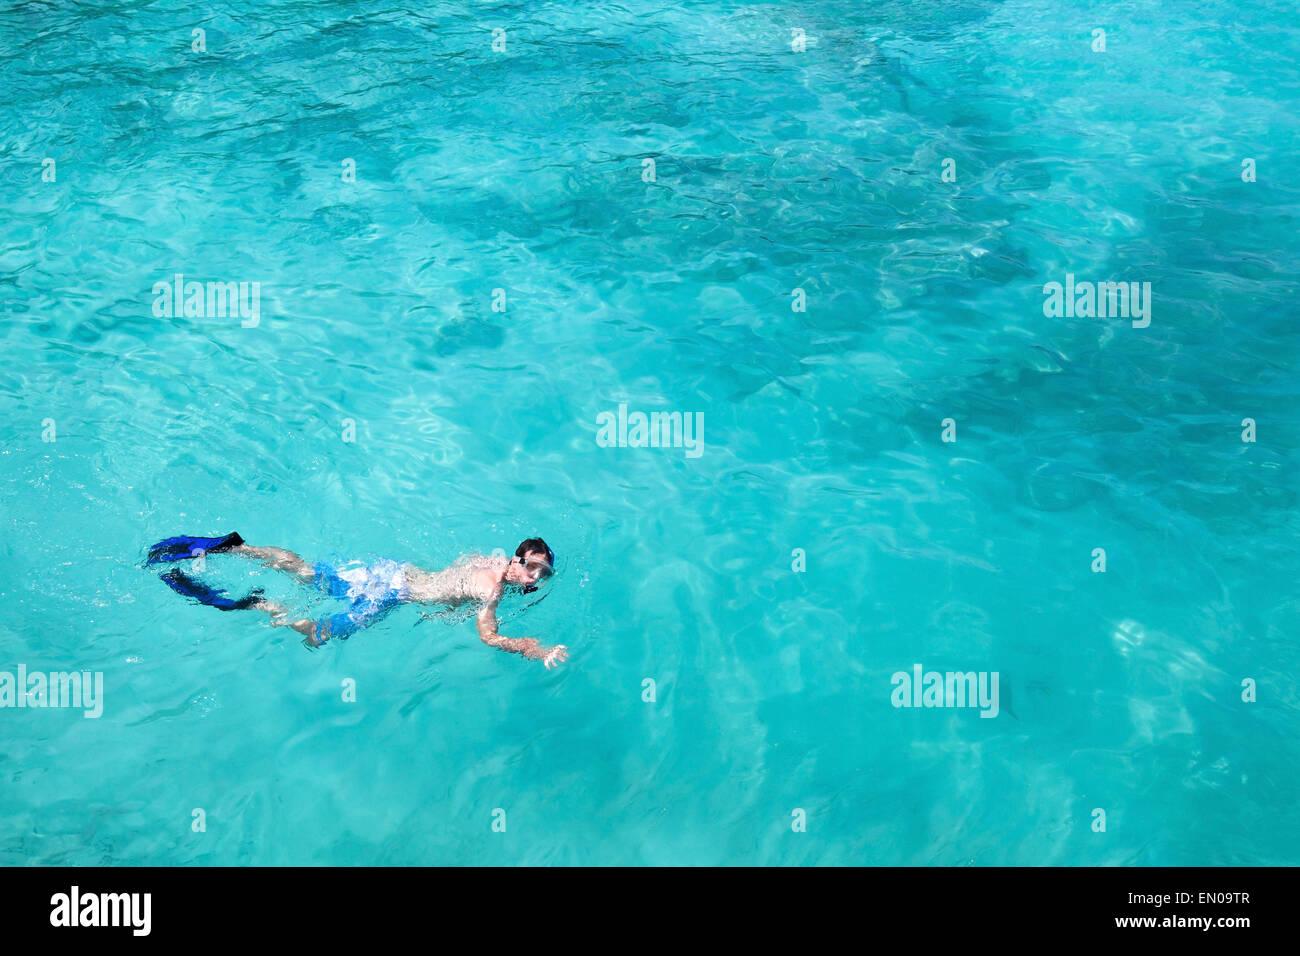 Plongée avec tuba, vue du dessus de l'homme nage avec palmes et masque, copy space Photo Stock